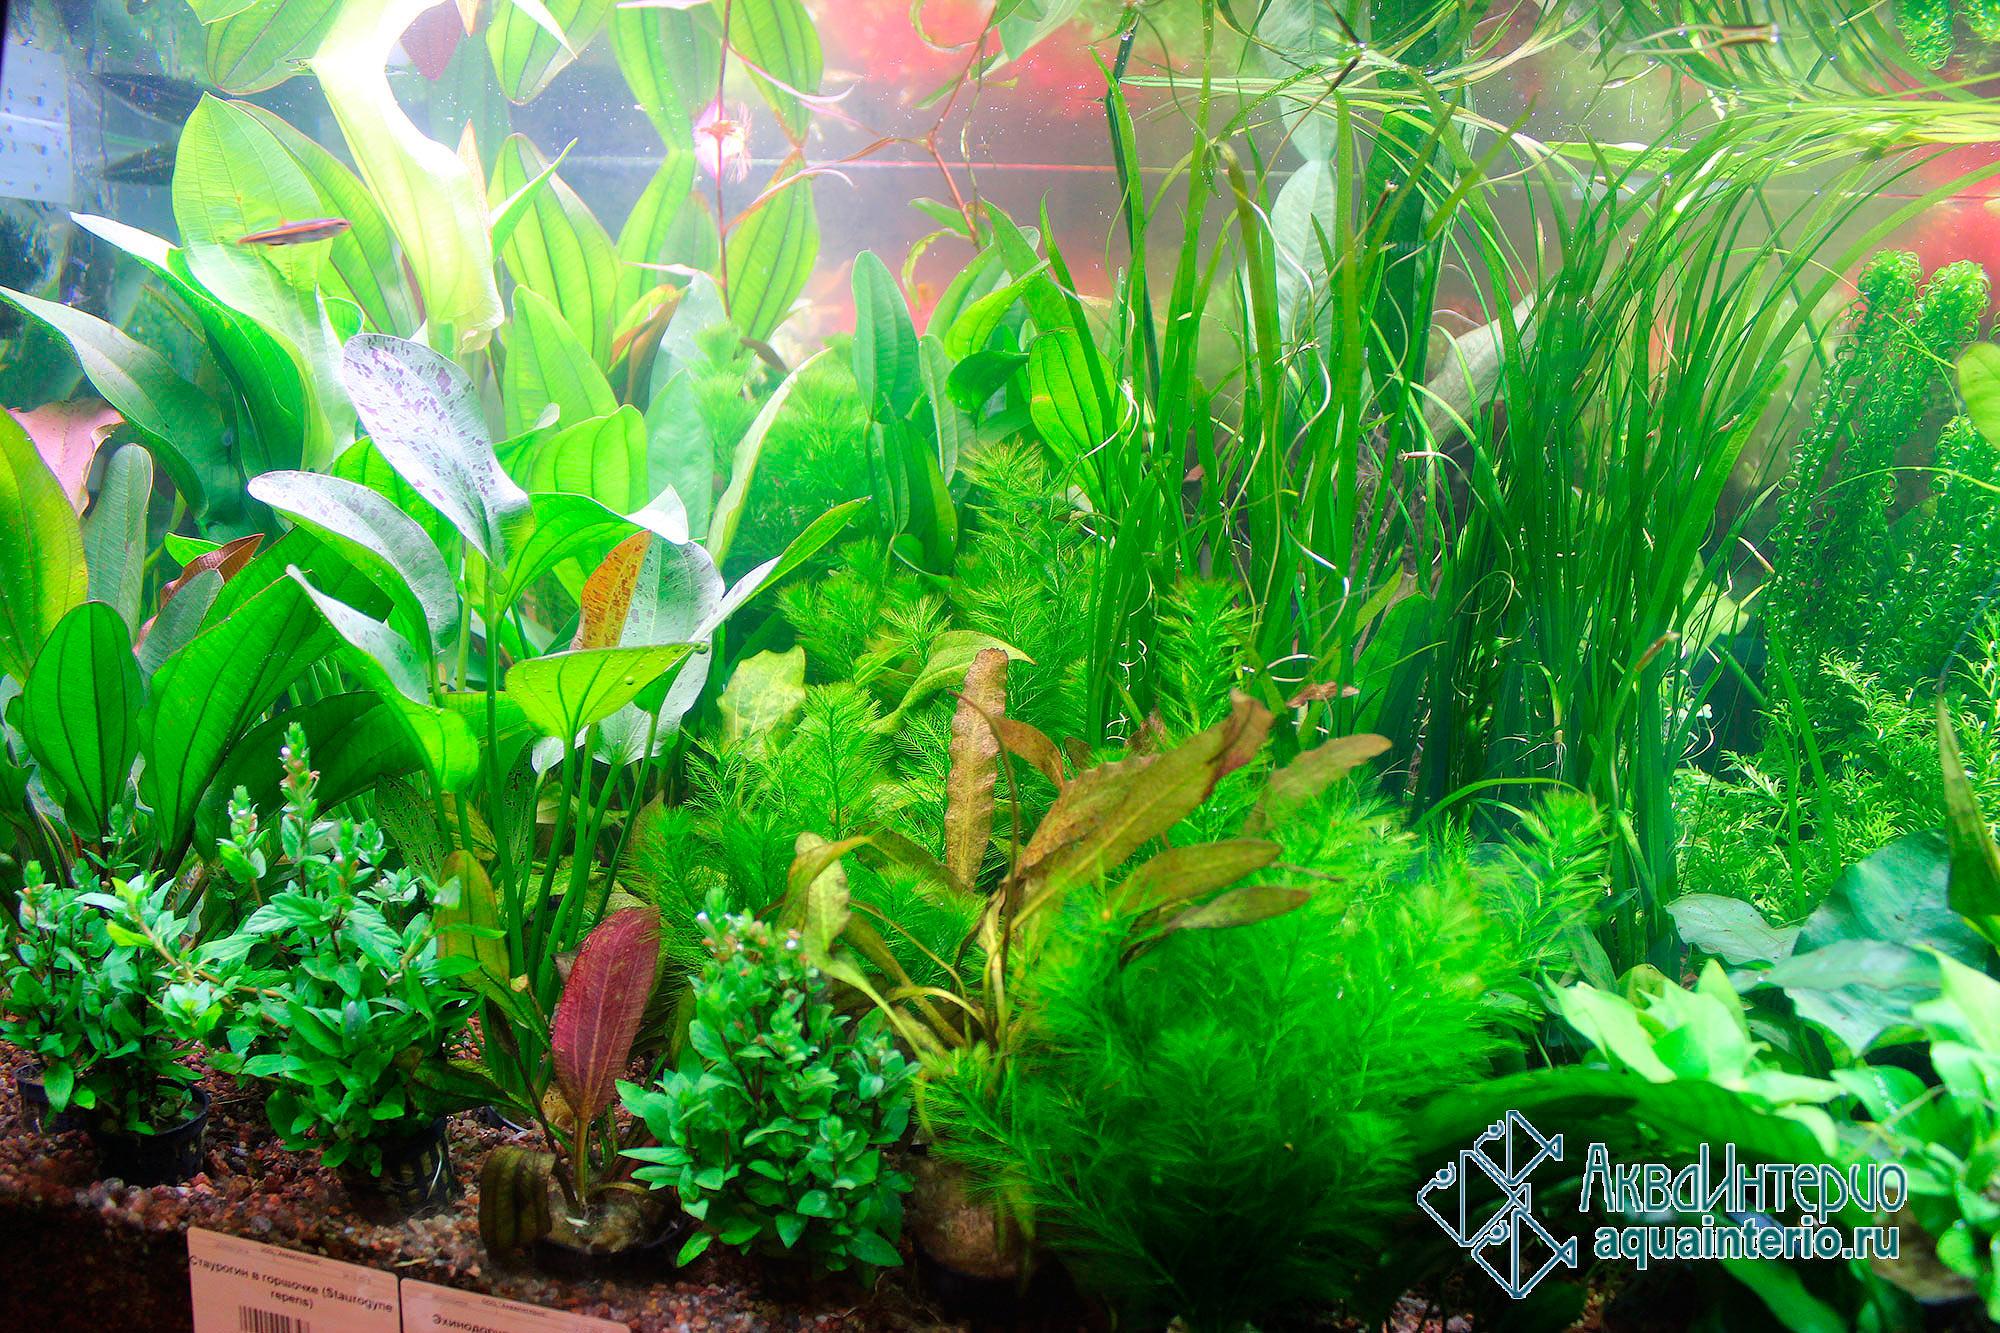 Купить аквариумные растения в санкт